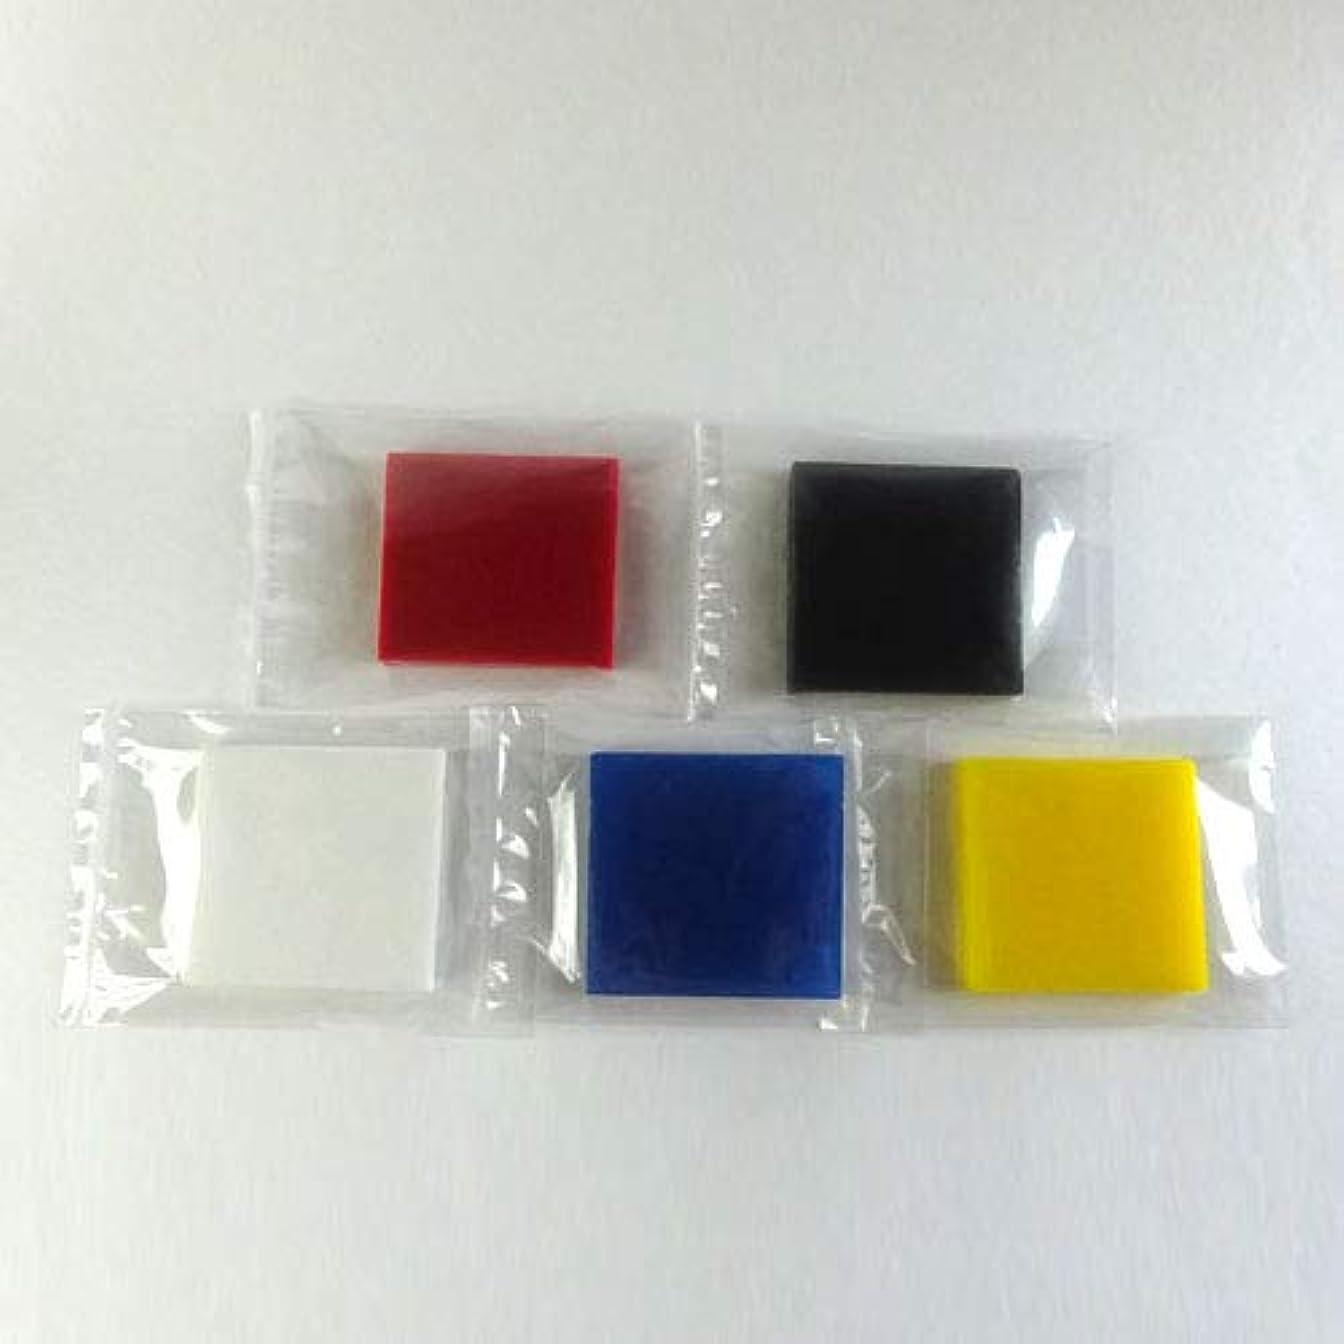 キラウエア山発見専門知識グリセリンソープ MPソープ 色チップ 5色(赤?青?黄?白?黒) 各30g